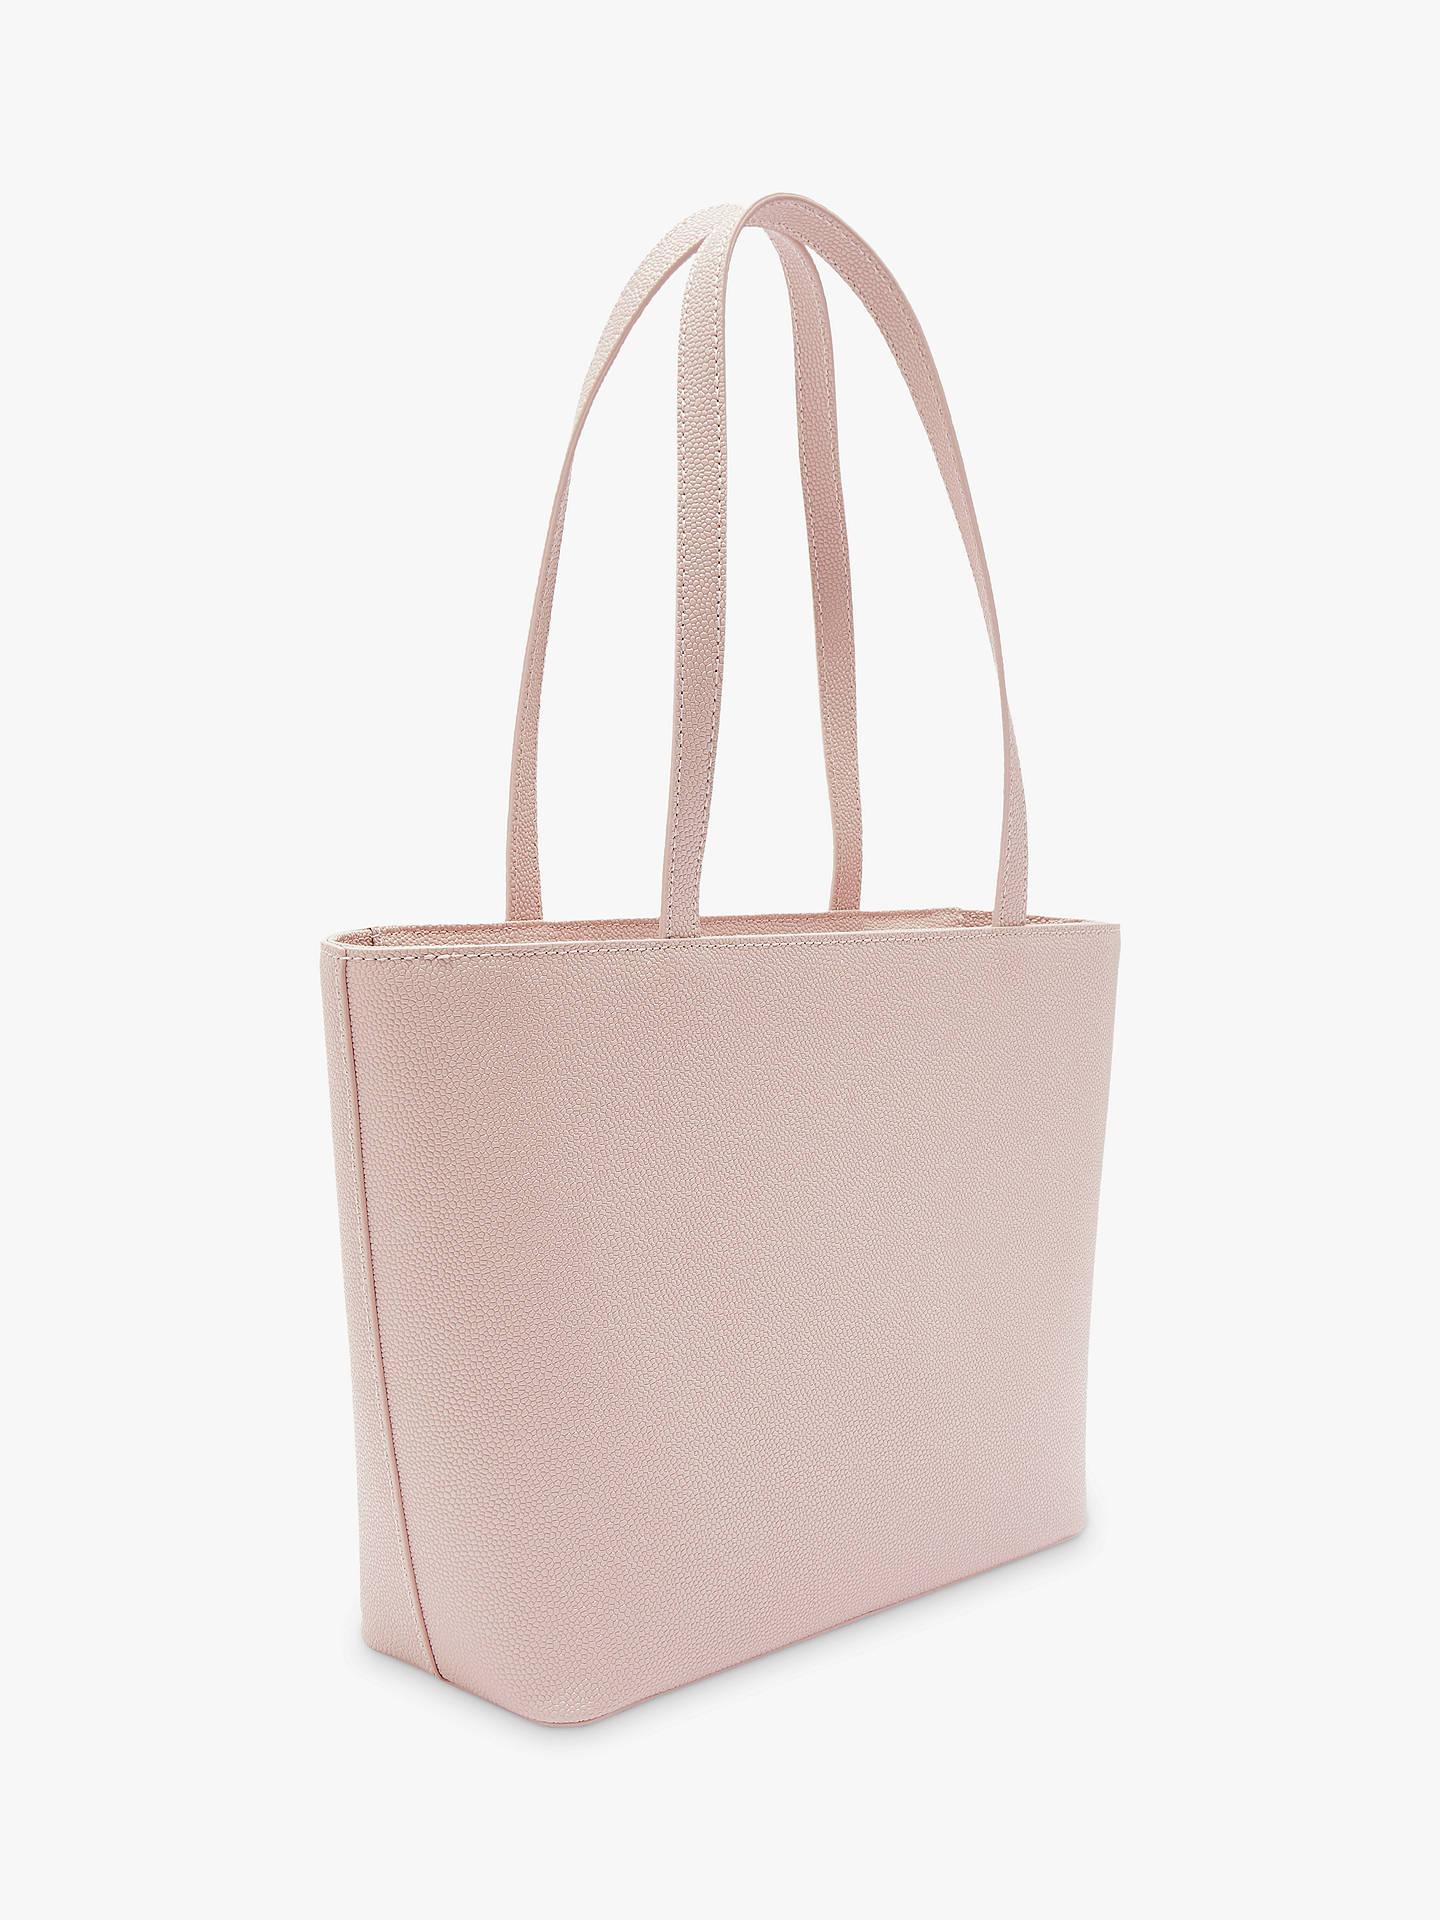 bd3af27bdcb2 Ted Baker Jessica Bow Leather Shopper Bag at John Lewis   Partners